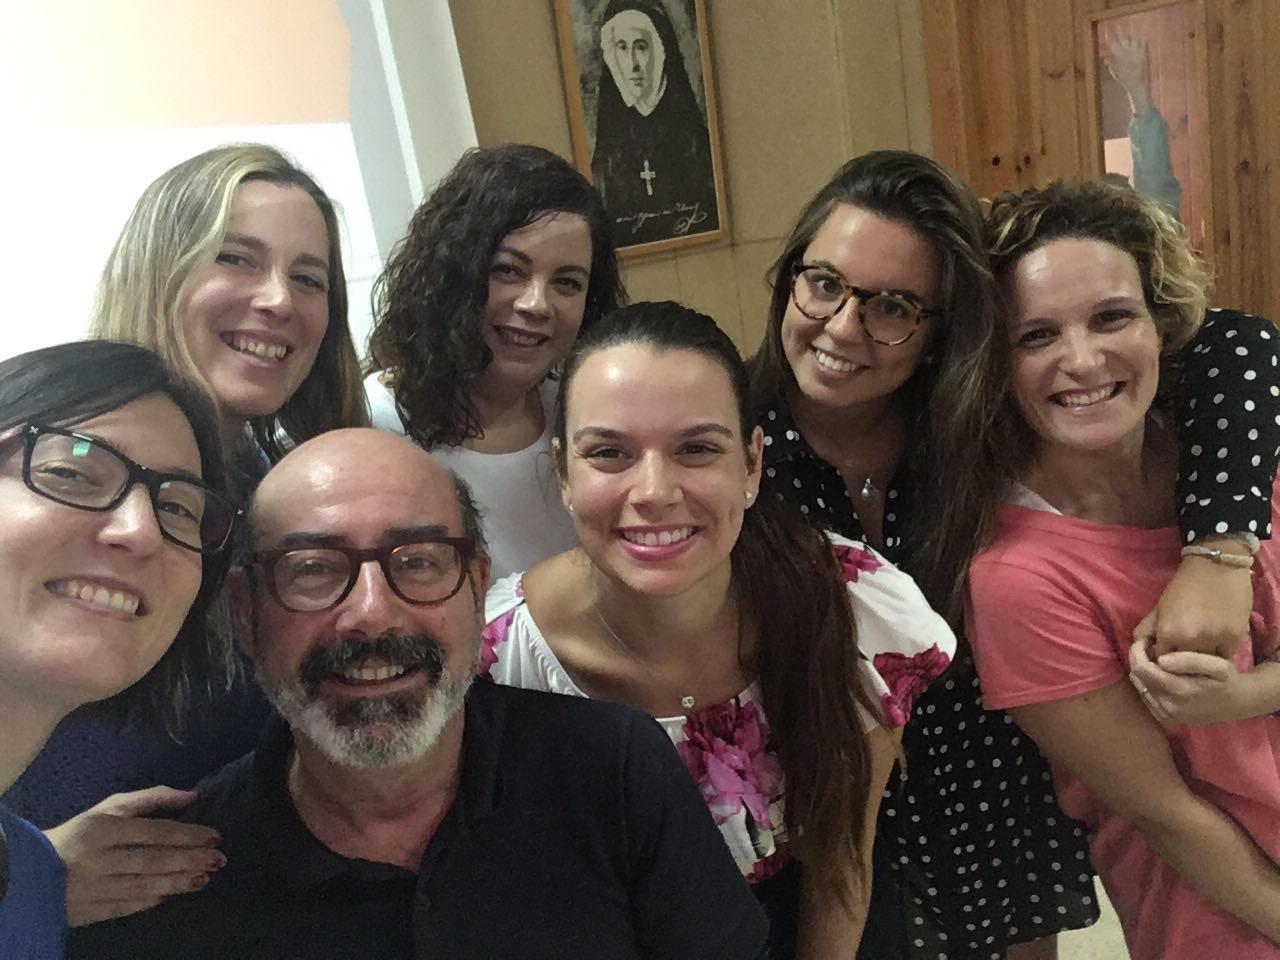 Us presentem la nova auxiliar d'anglès de l'escola: Daniella Sousa.